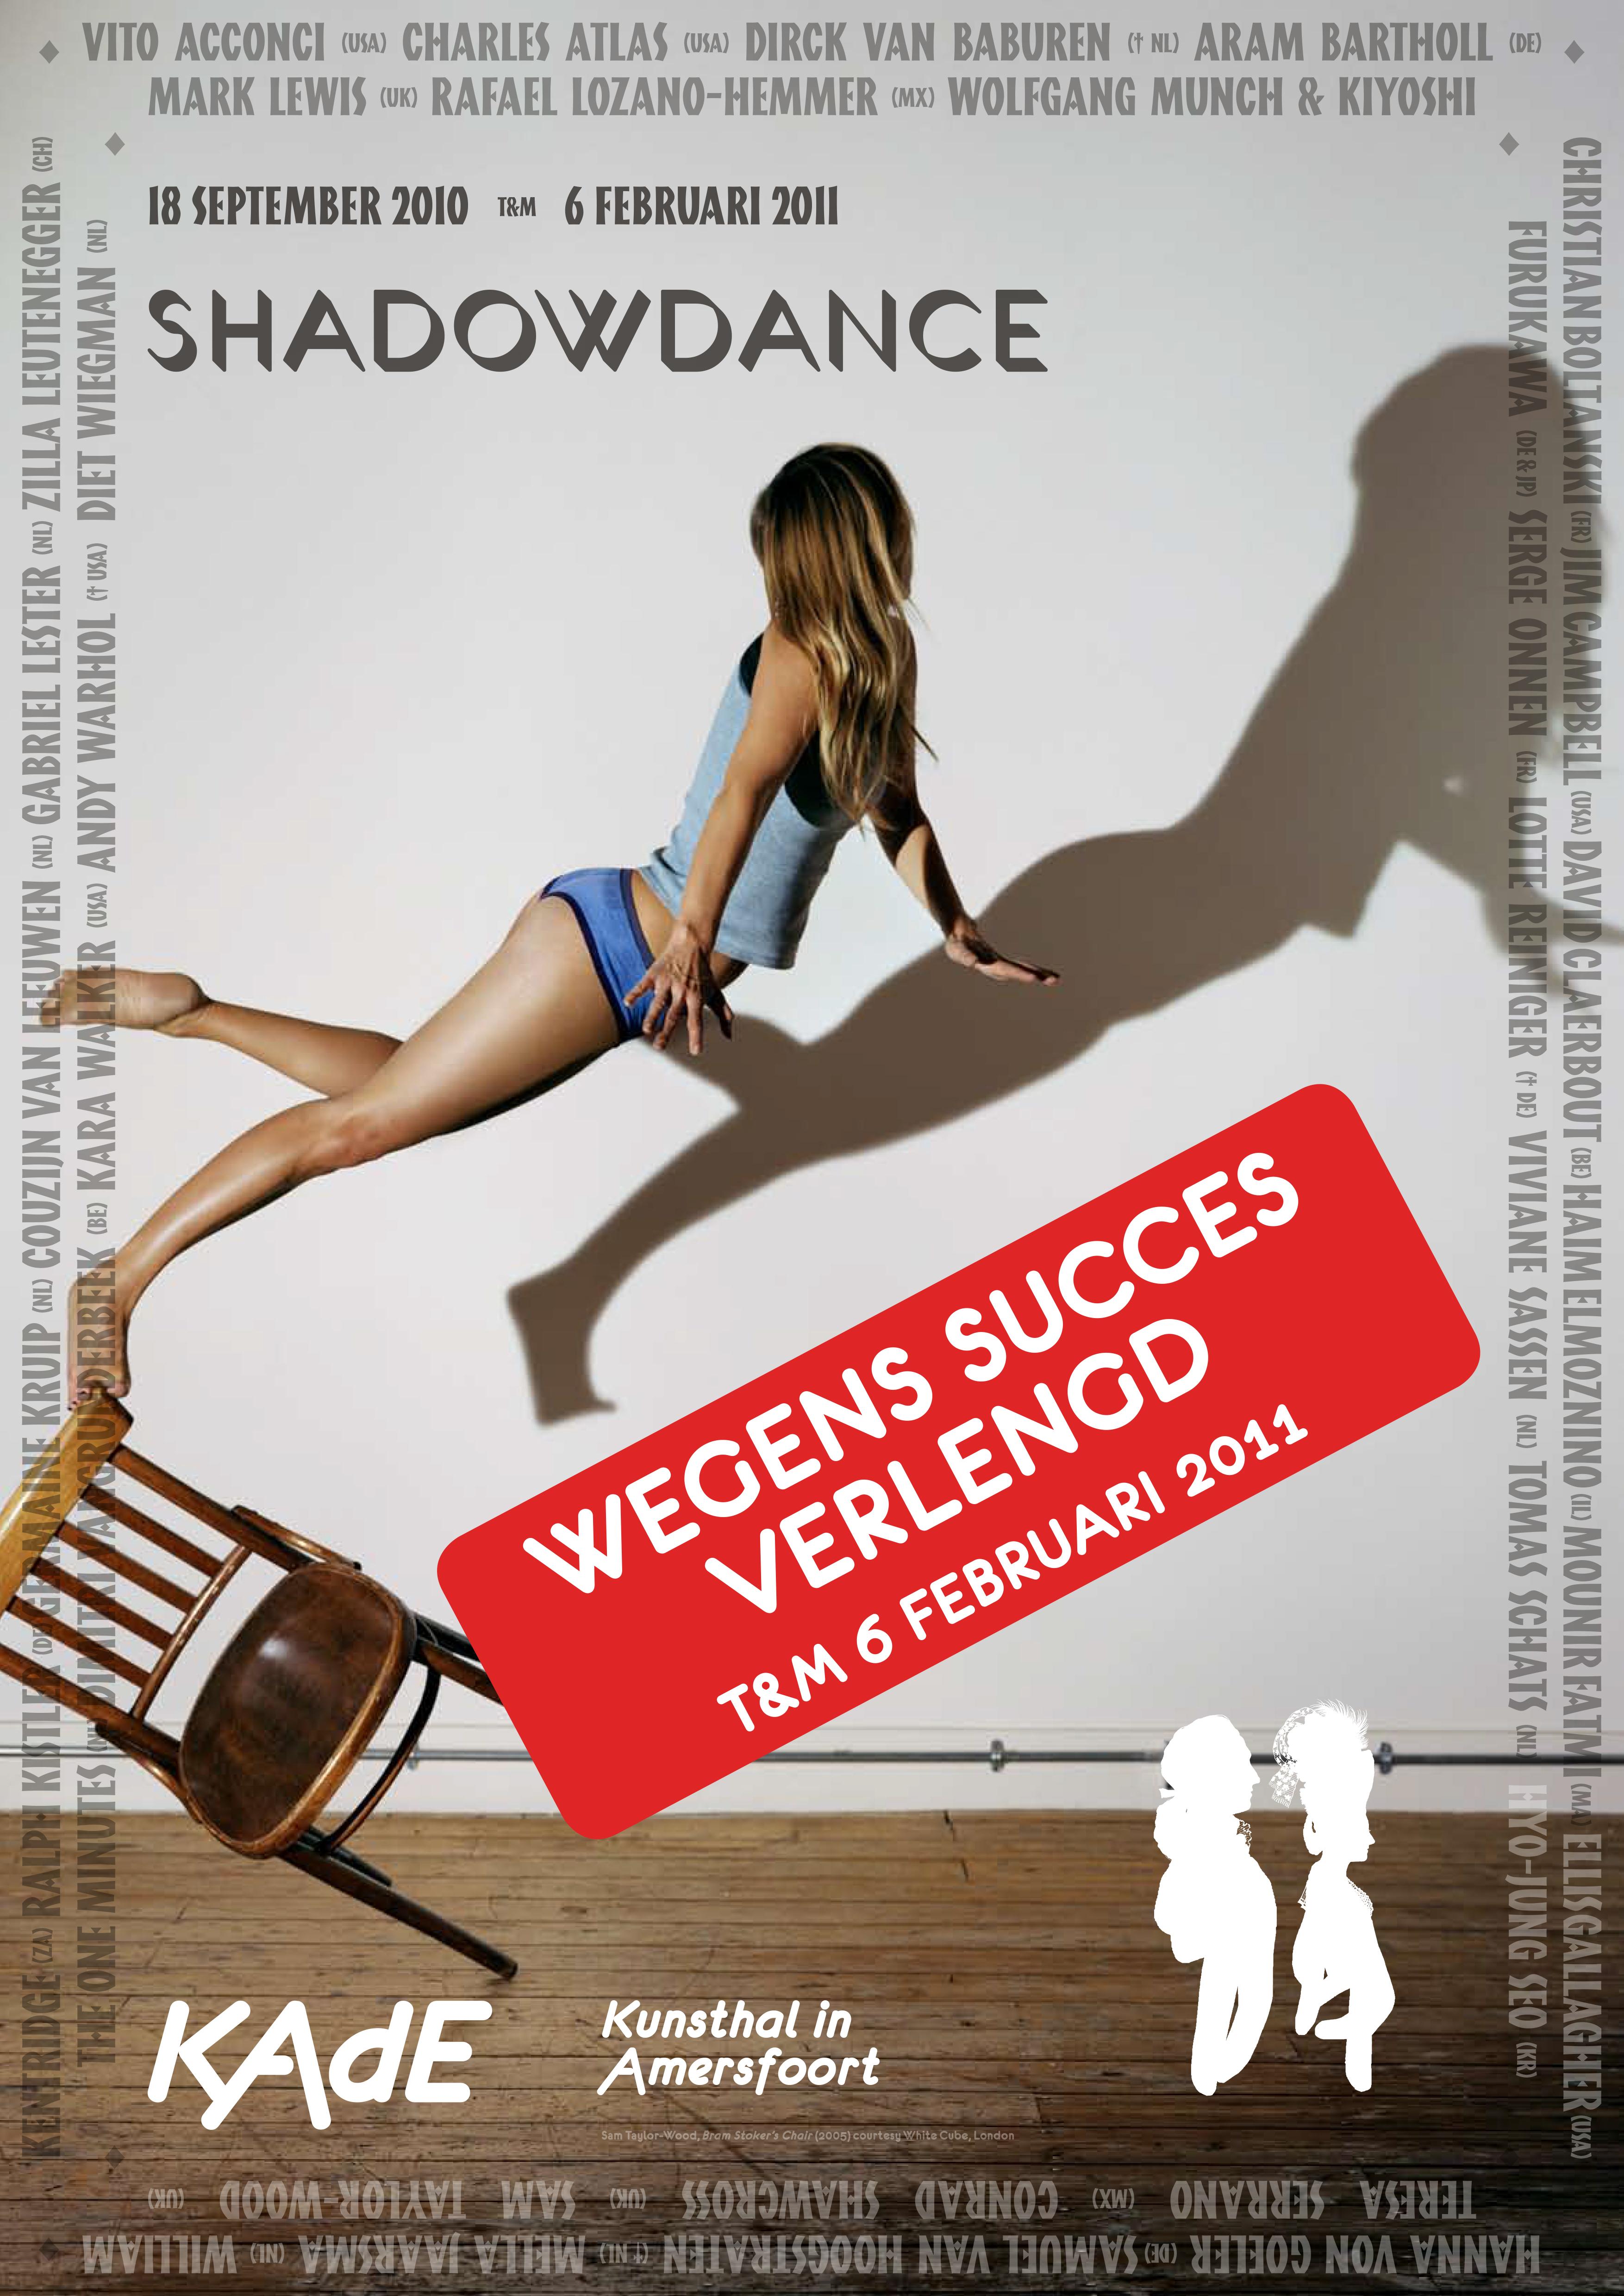 shadowdanceaffiches_A3_verlengd_01.jpg